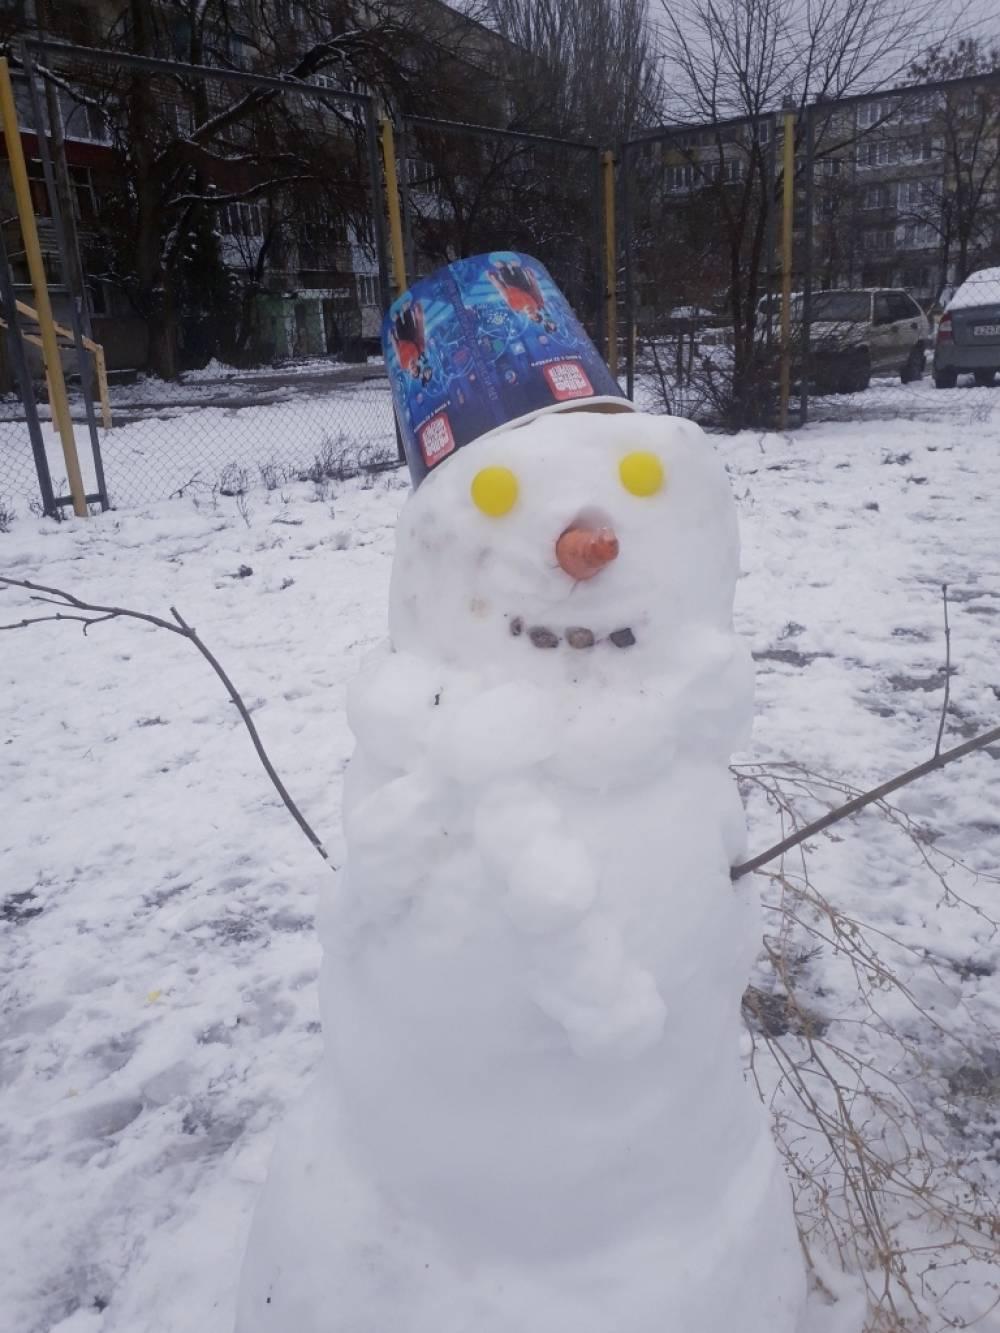 Cуровые феодосийские снеговики - феосети